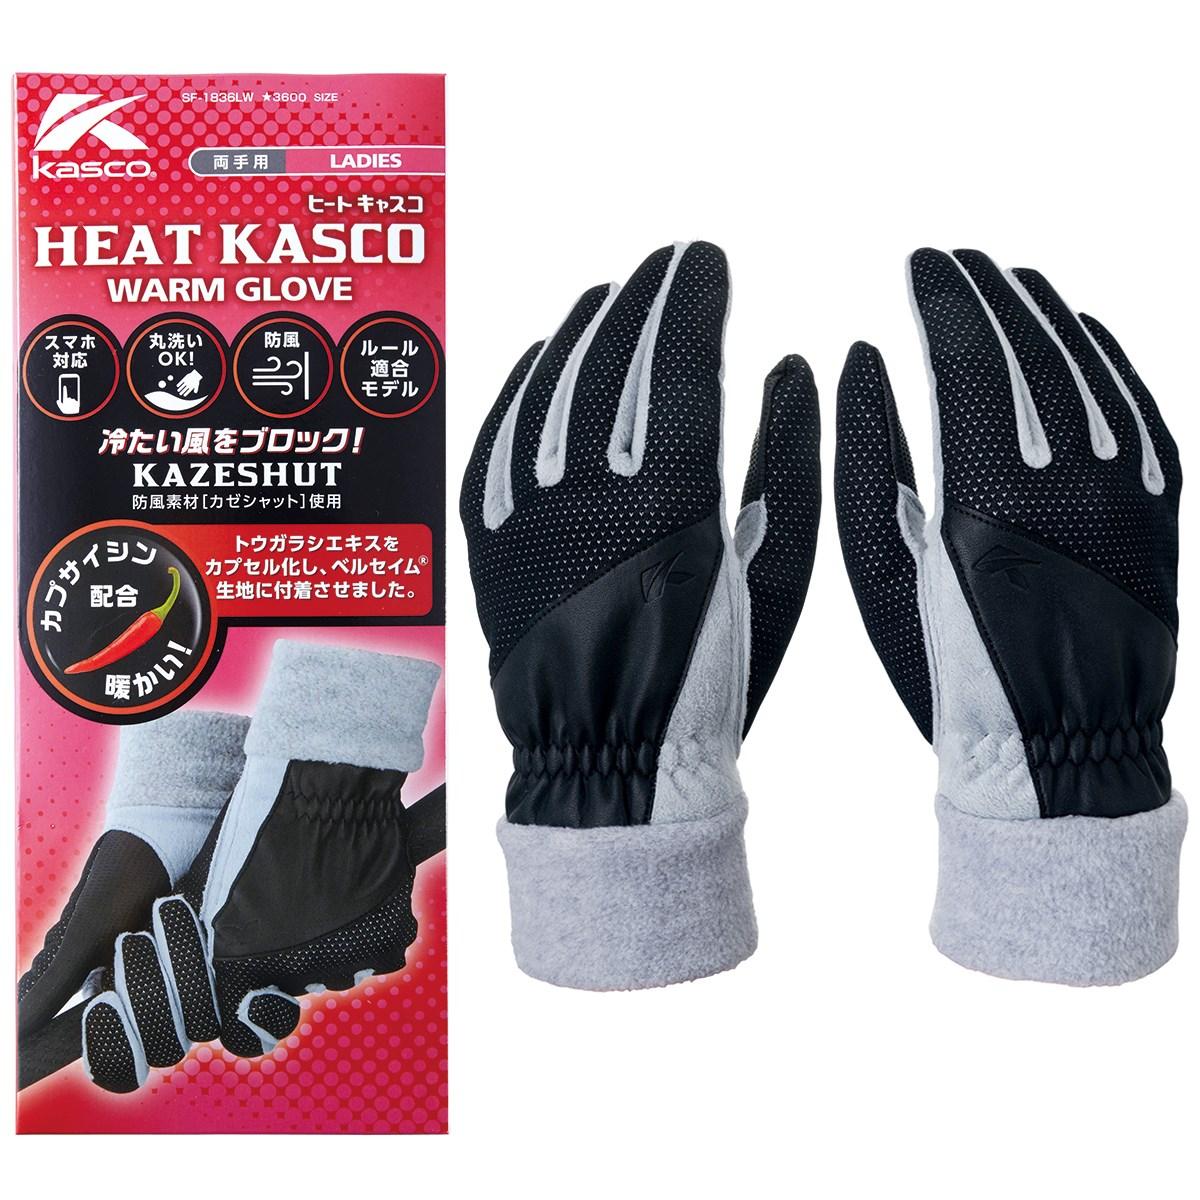 キャスコ KASCO ヒートキャスコ グローブ 両手用 M 両手用 ブラック レディス